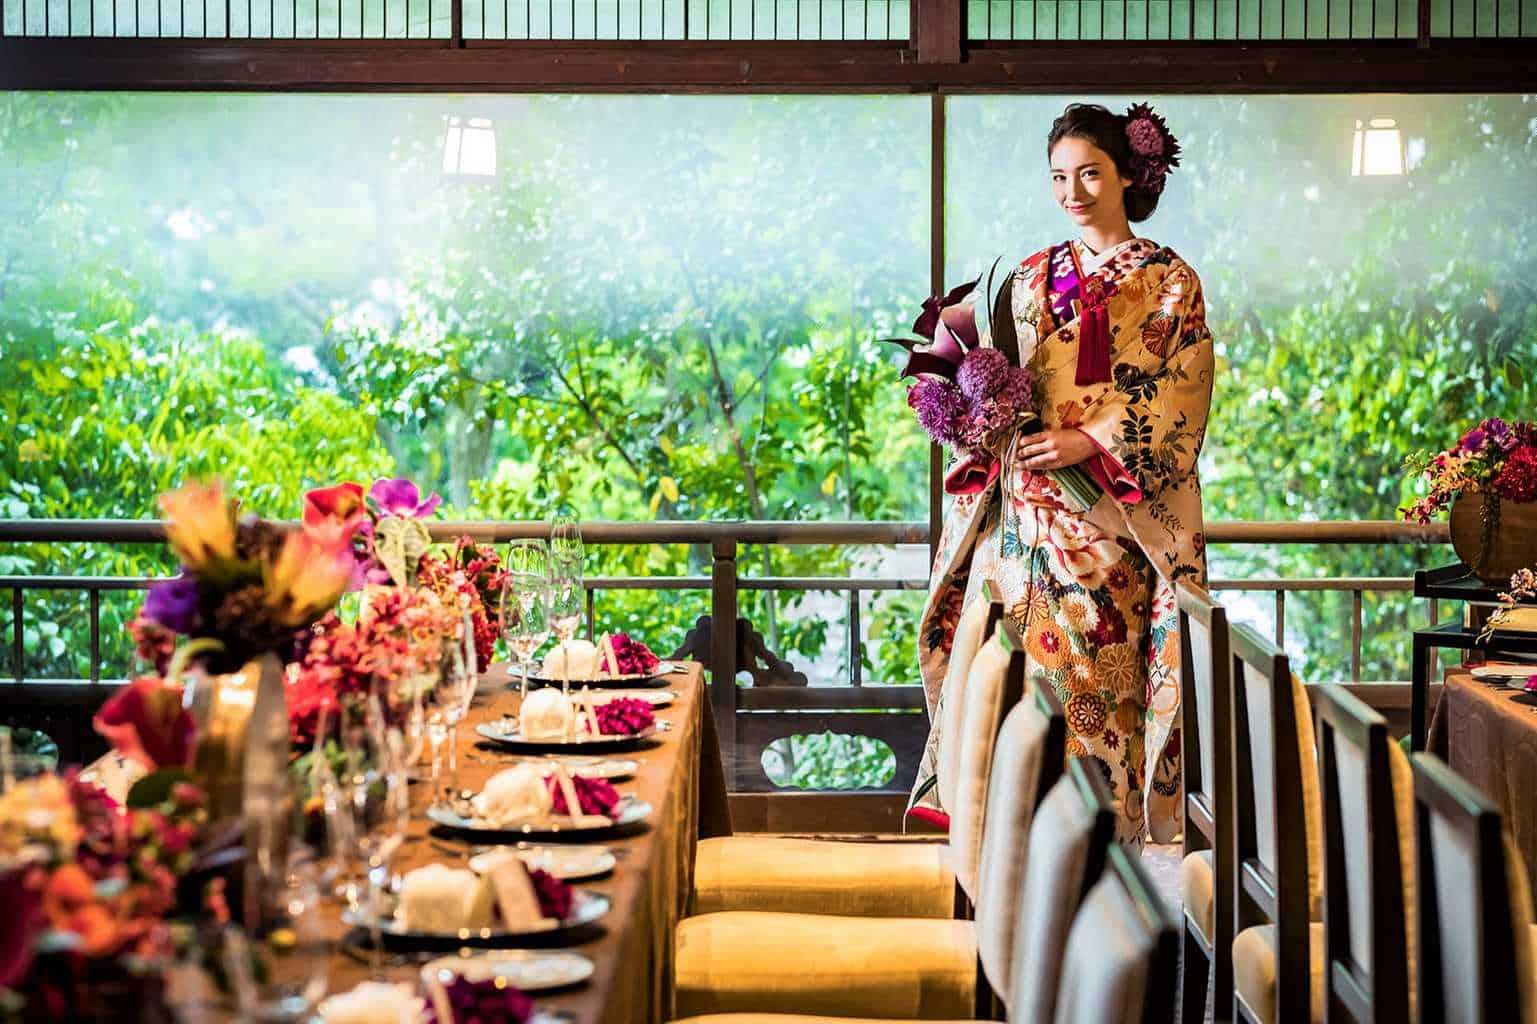 【東京・京都編】インスタ花嫁が選んだ\和を感じる**/結婚式にぴったりの結婚式場ランキングのカバー写真